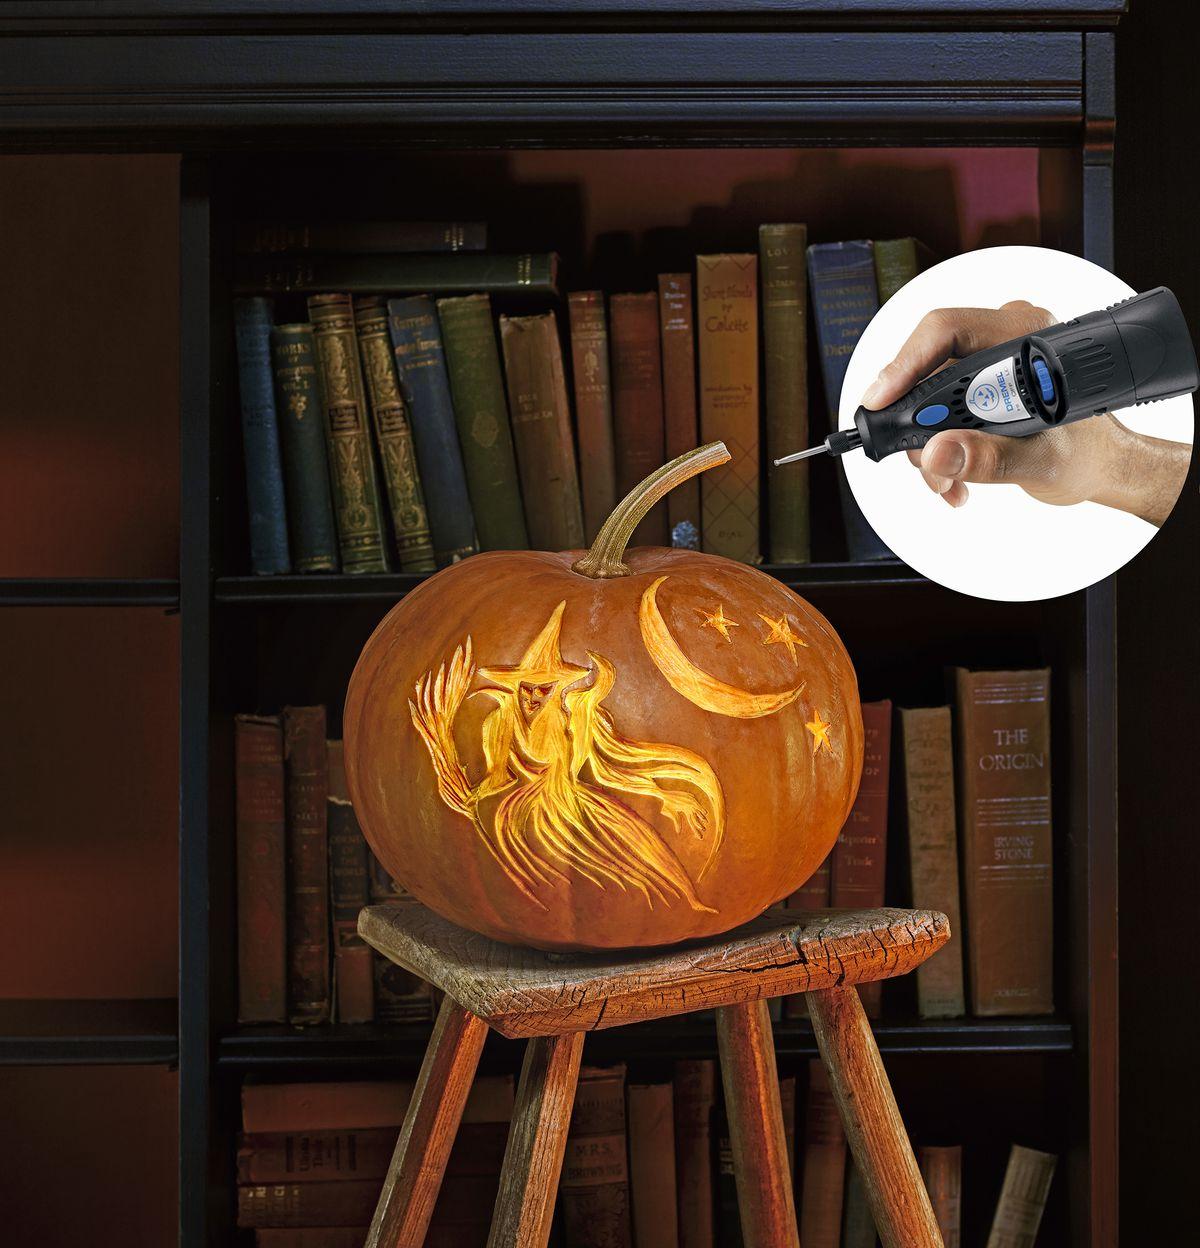 Pumpkin carving tools.